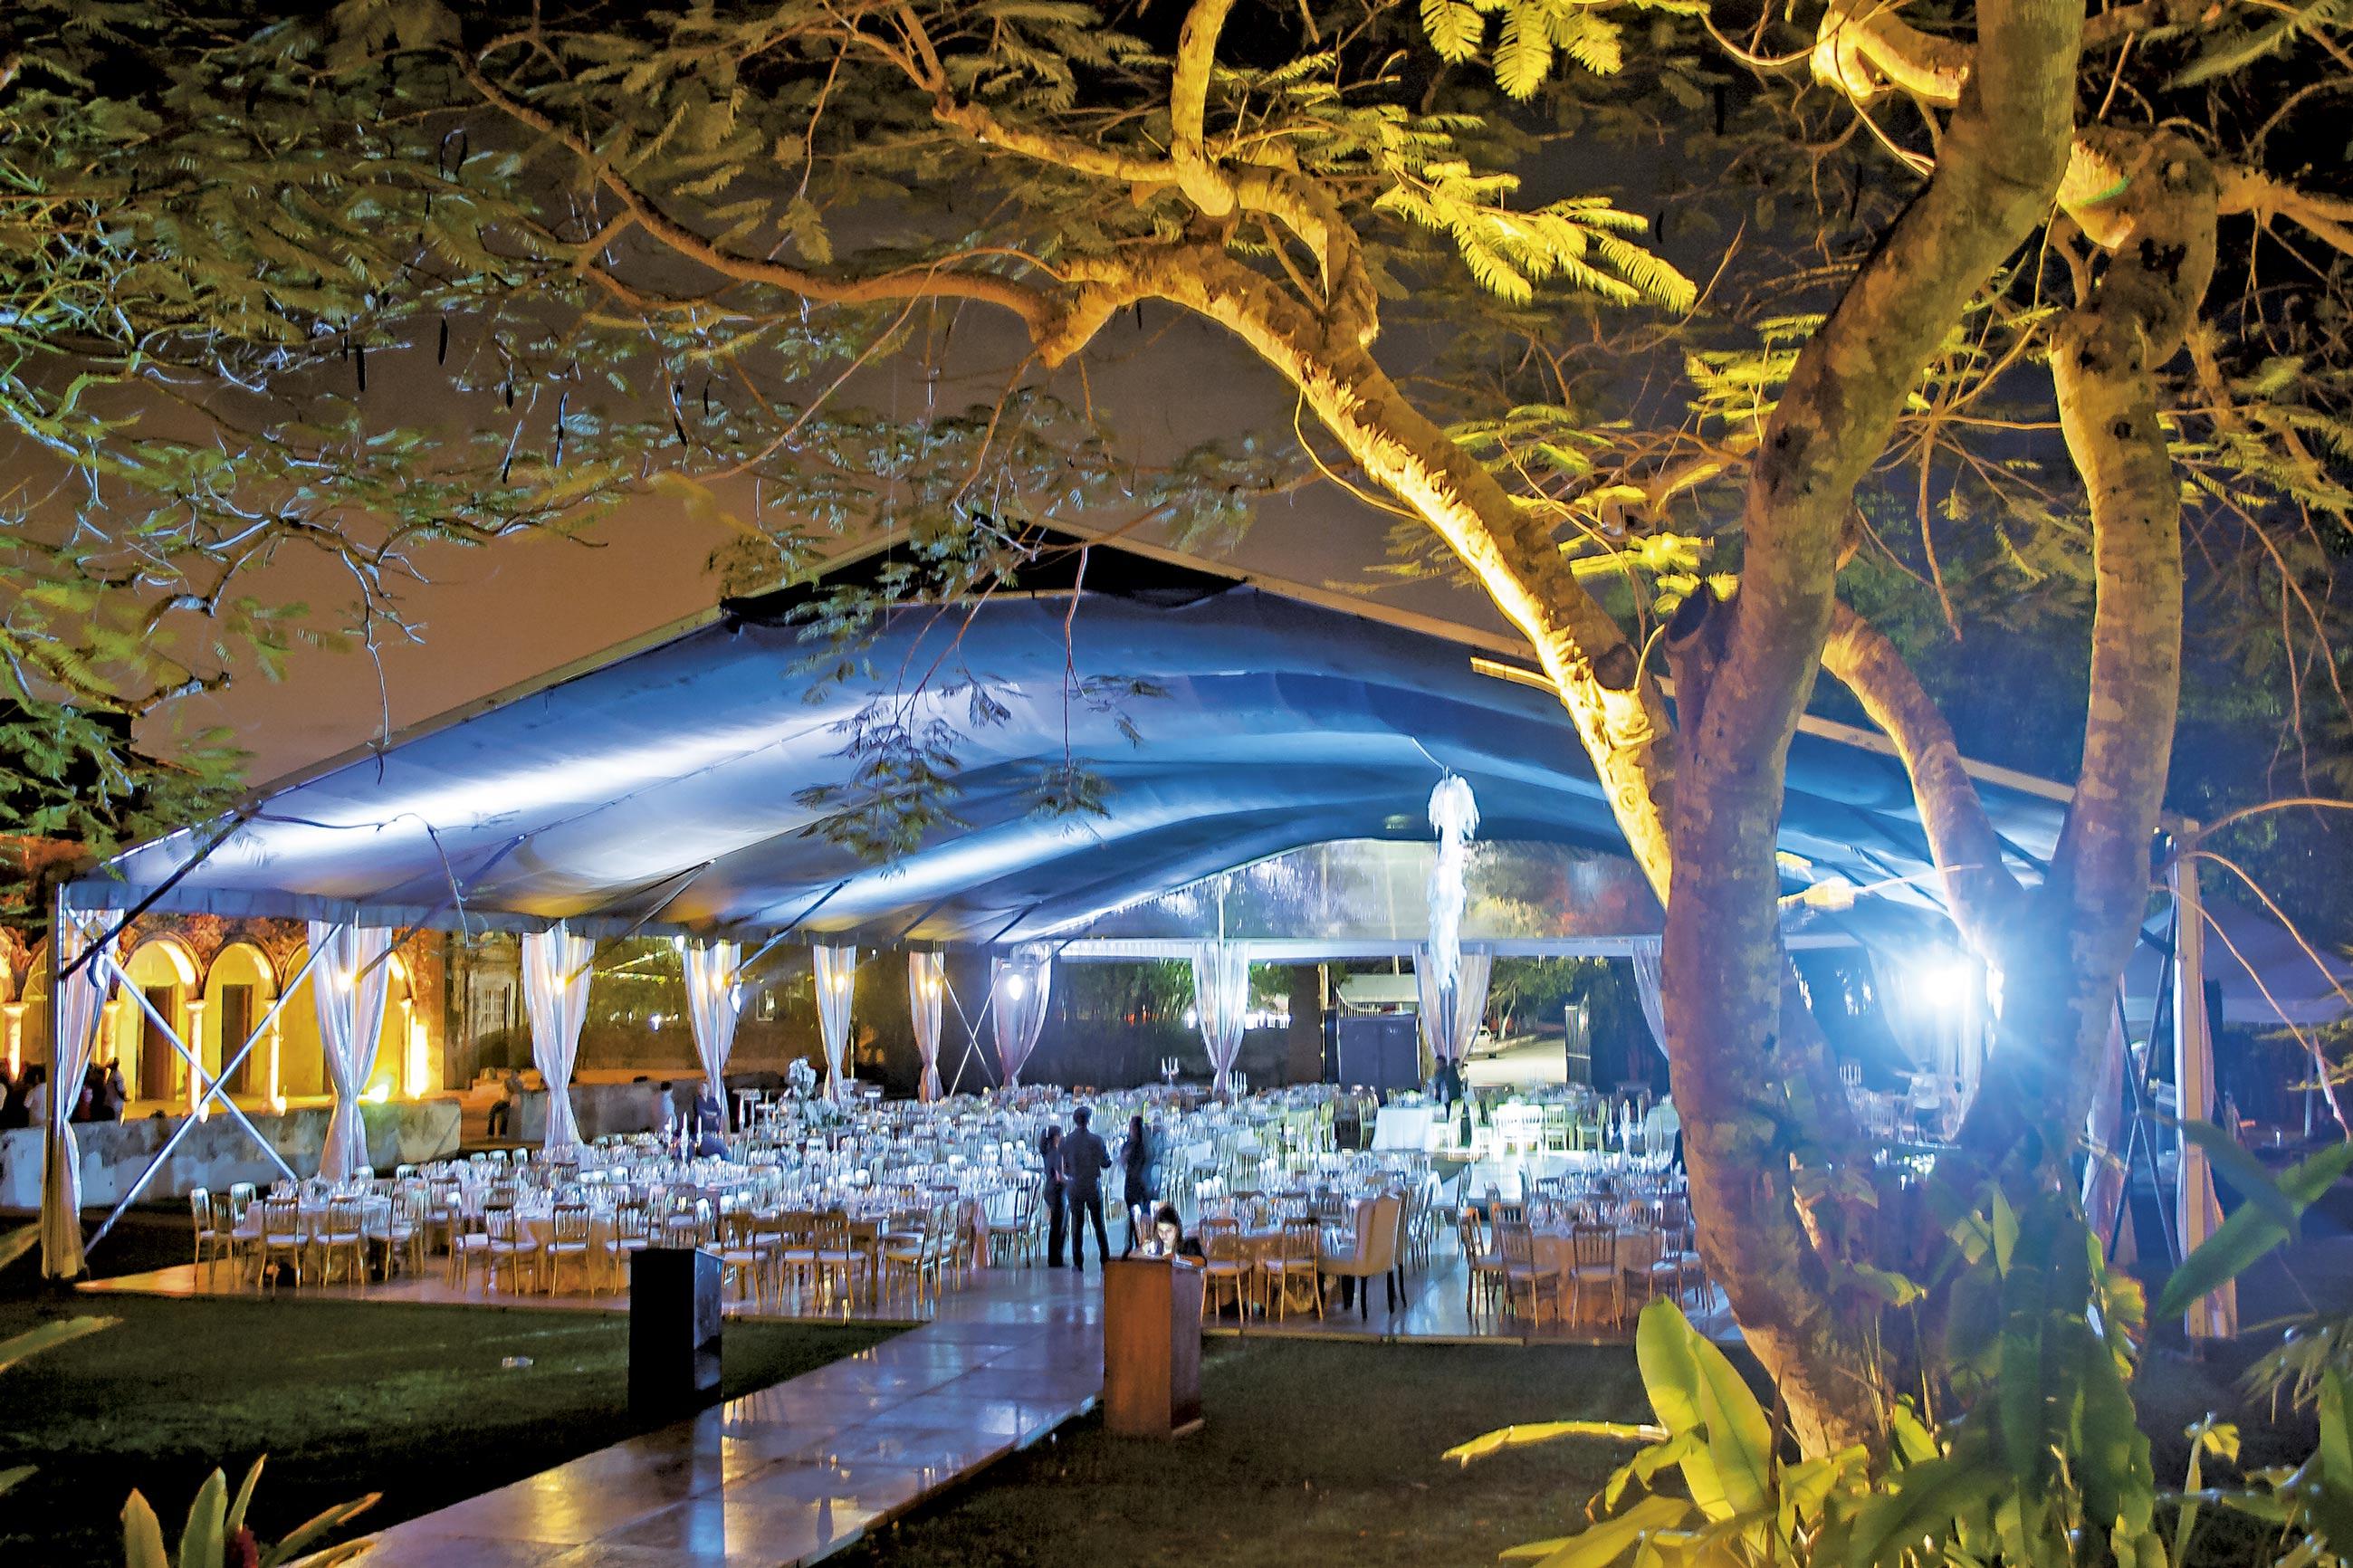 Total Tents